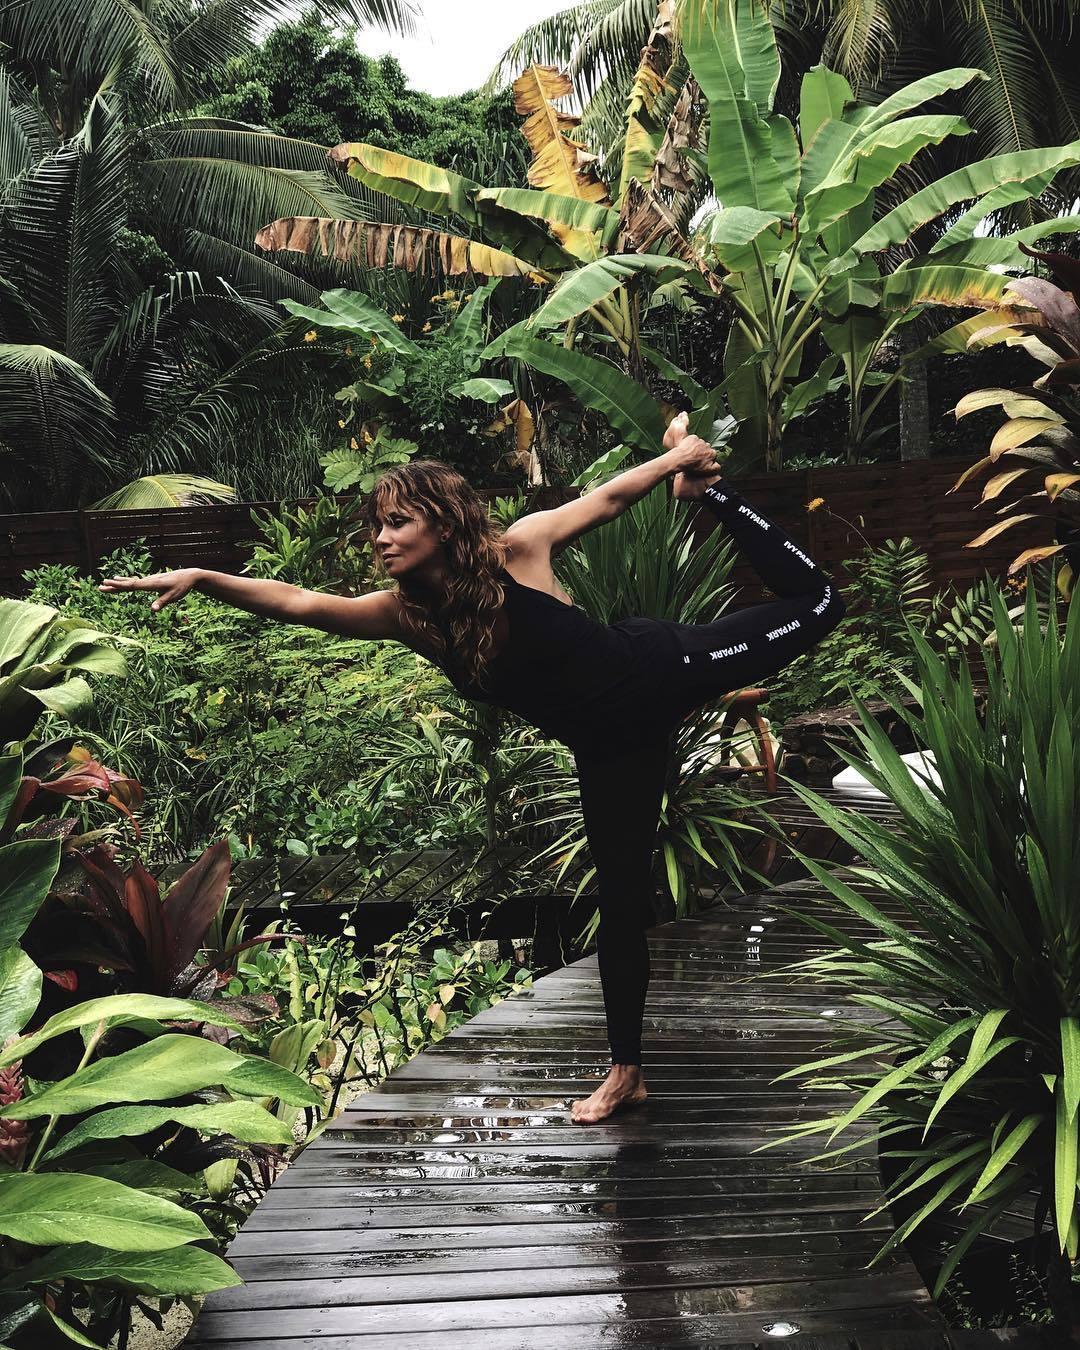 Bước sang tuổi 52, Halle Berry vẫn trẻ đẹp nhờ chăm vận động